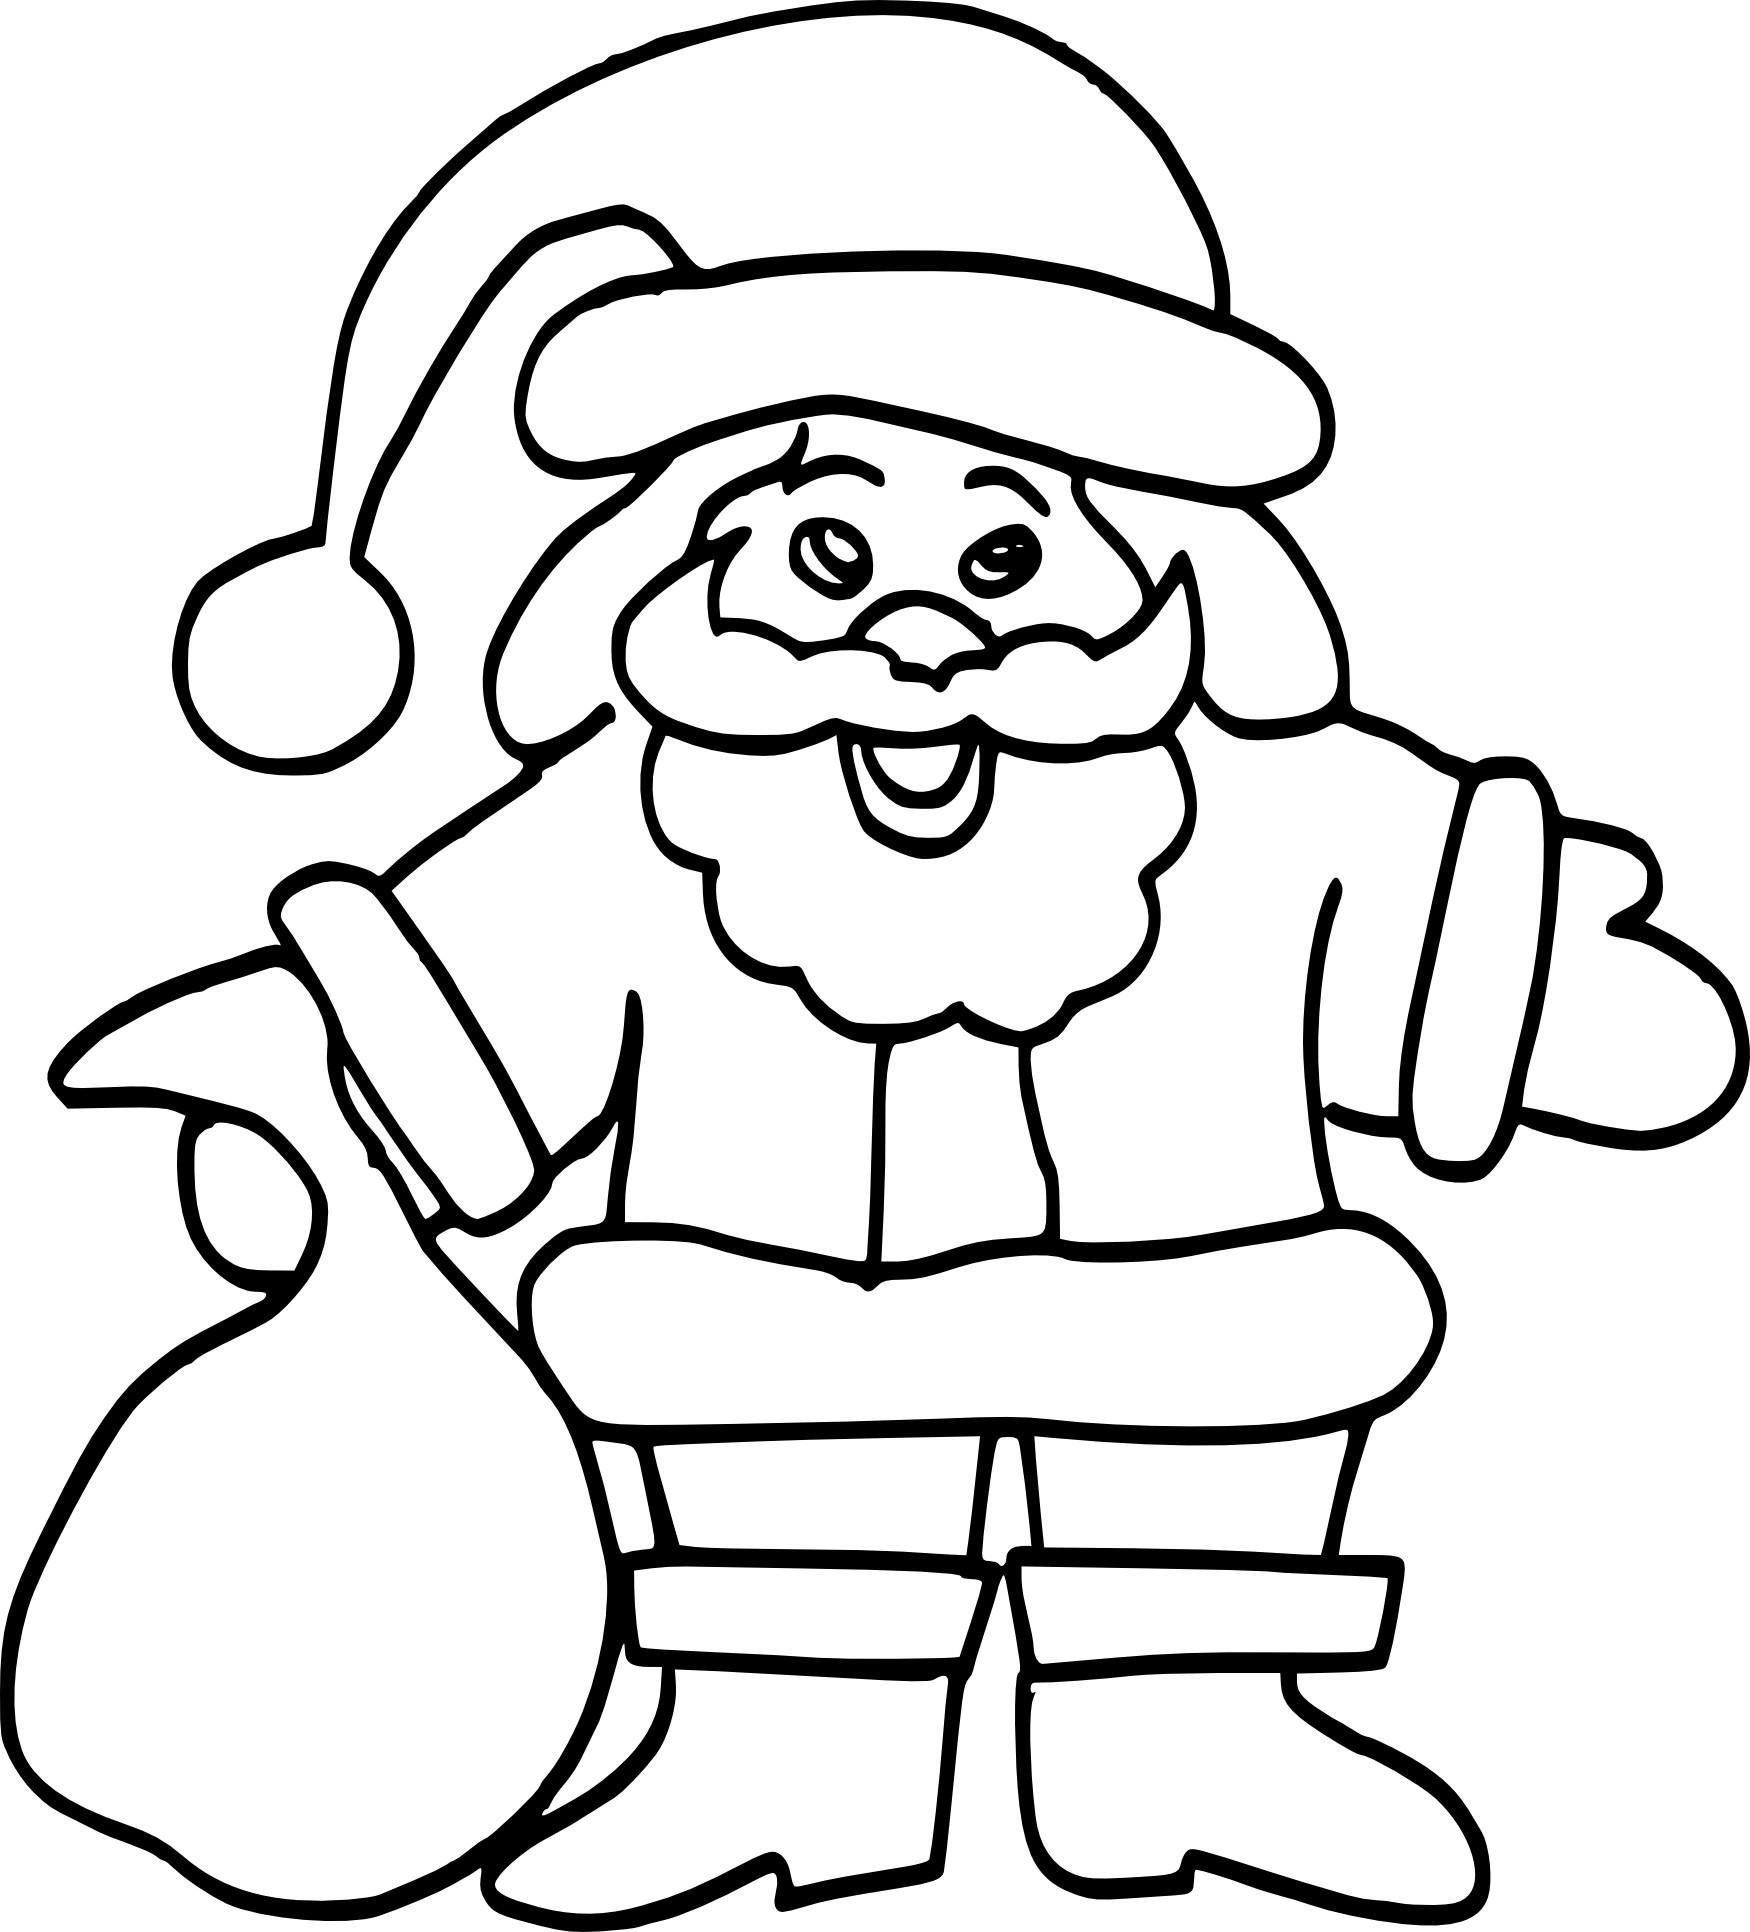 Coloriage Père Noël Facile À Imprimer avec Coloriage De Père Noel Gratuit A Imprimer